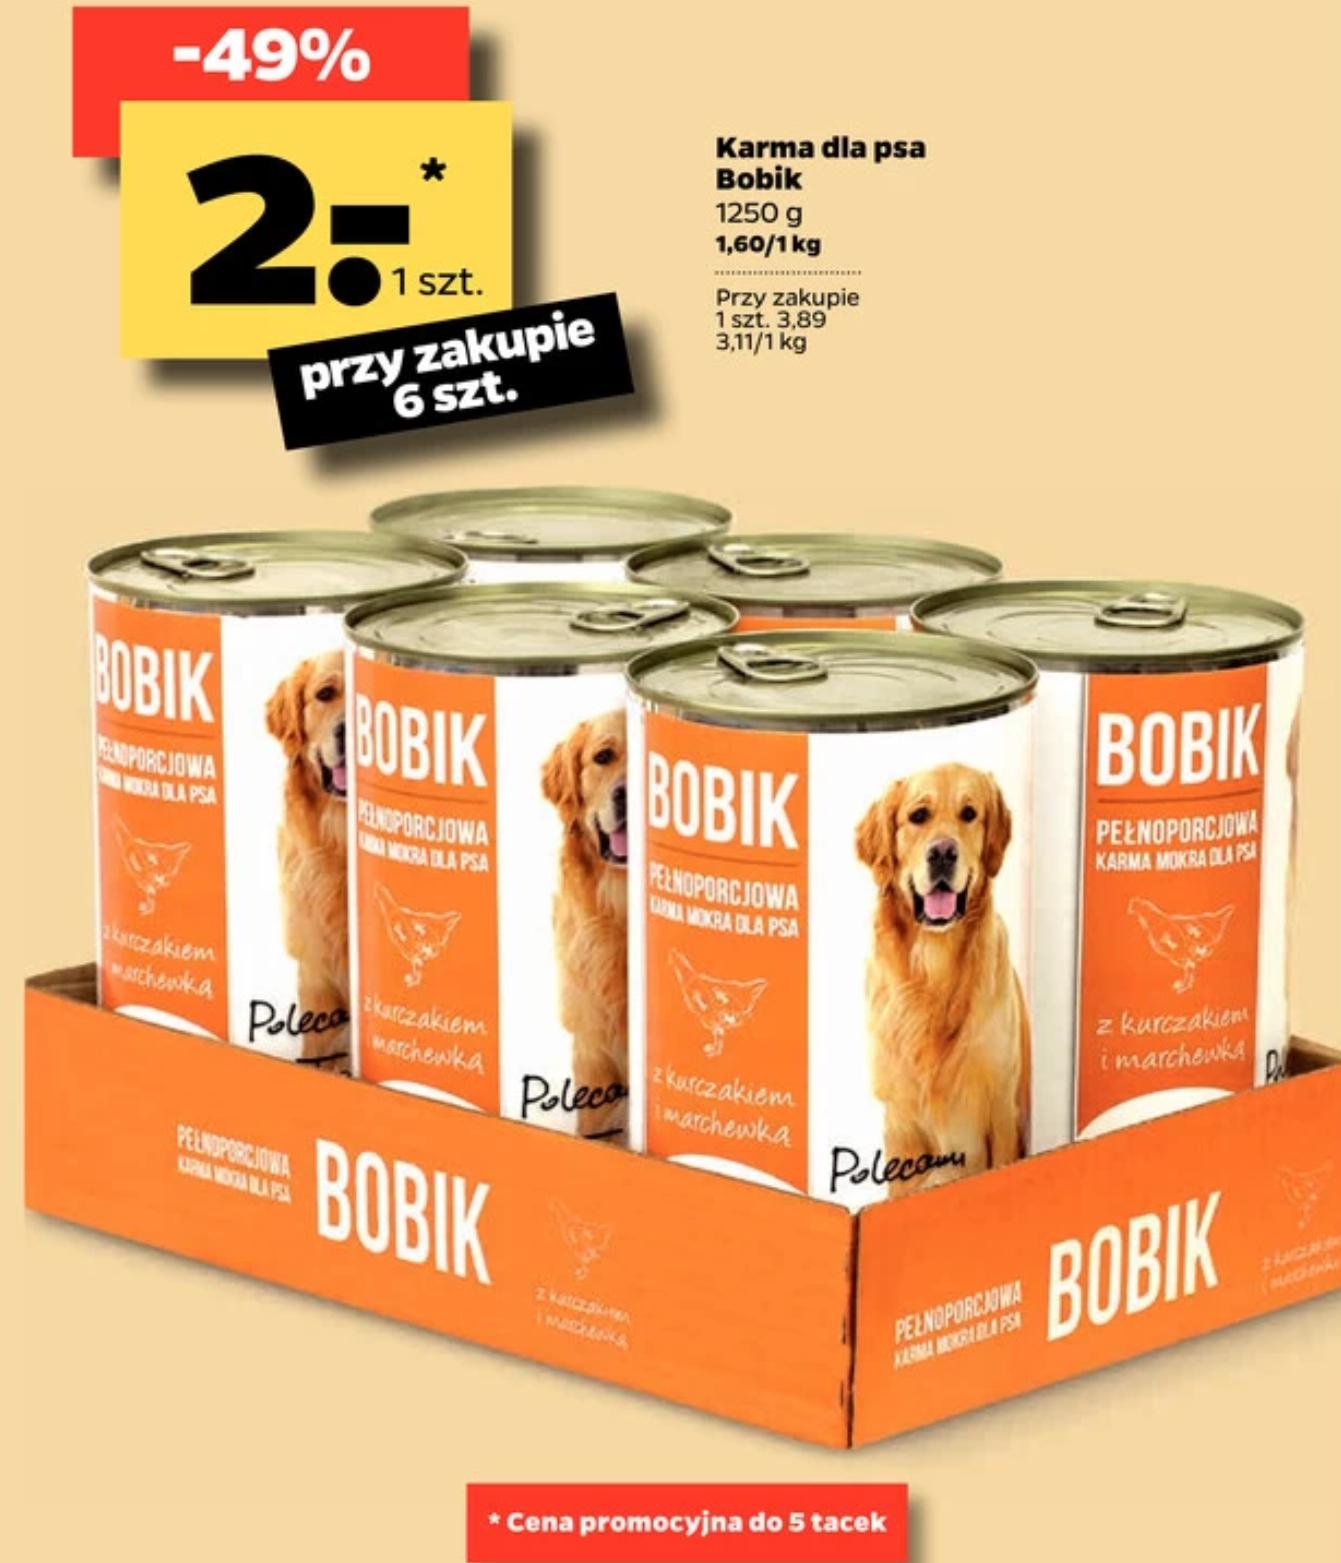 Karma dla psa Bobik 1250g - Netto